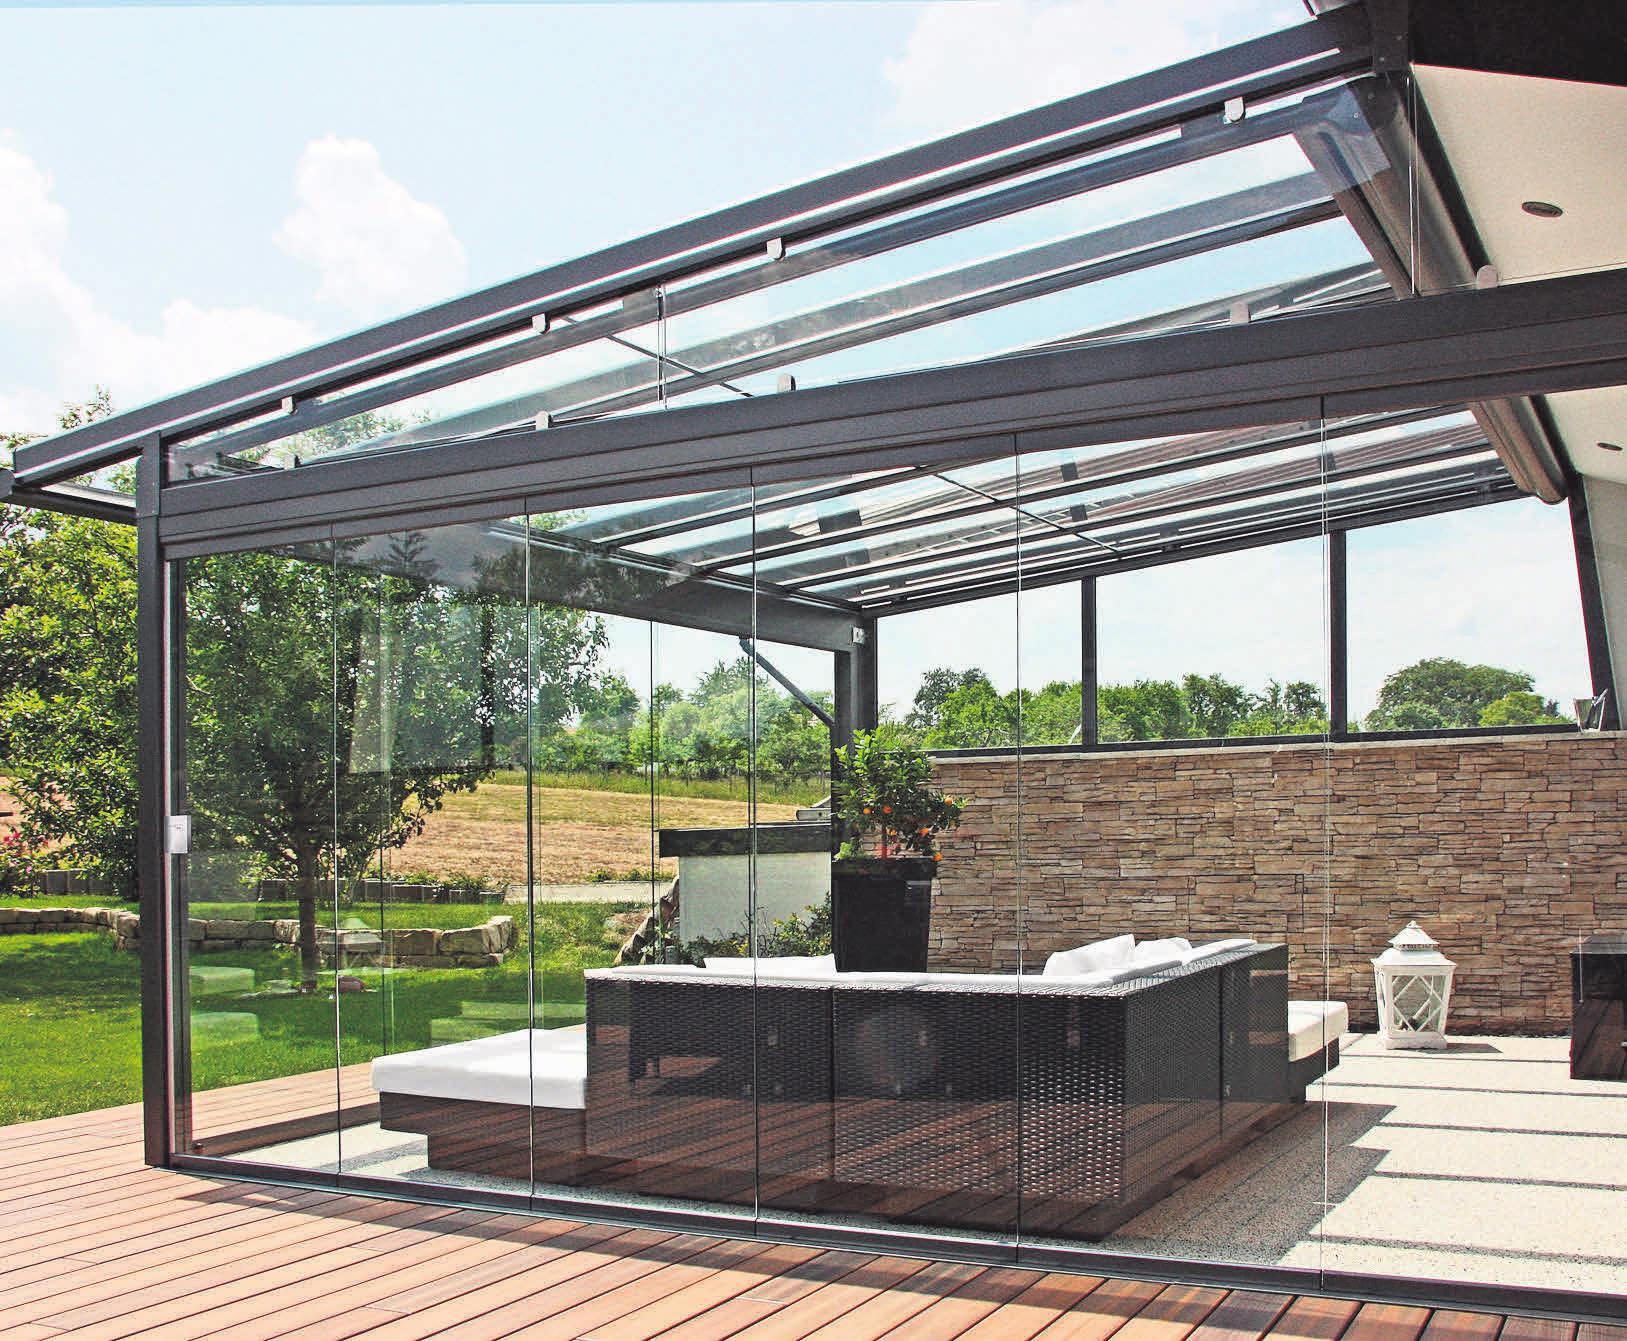 Ein Sommerdach dosiert Licht und Sonne, wie man es am liebsten mag – und macht den Garten das ganze Jahr über zum Lieblingsplatz.